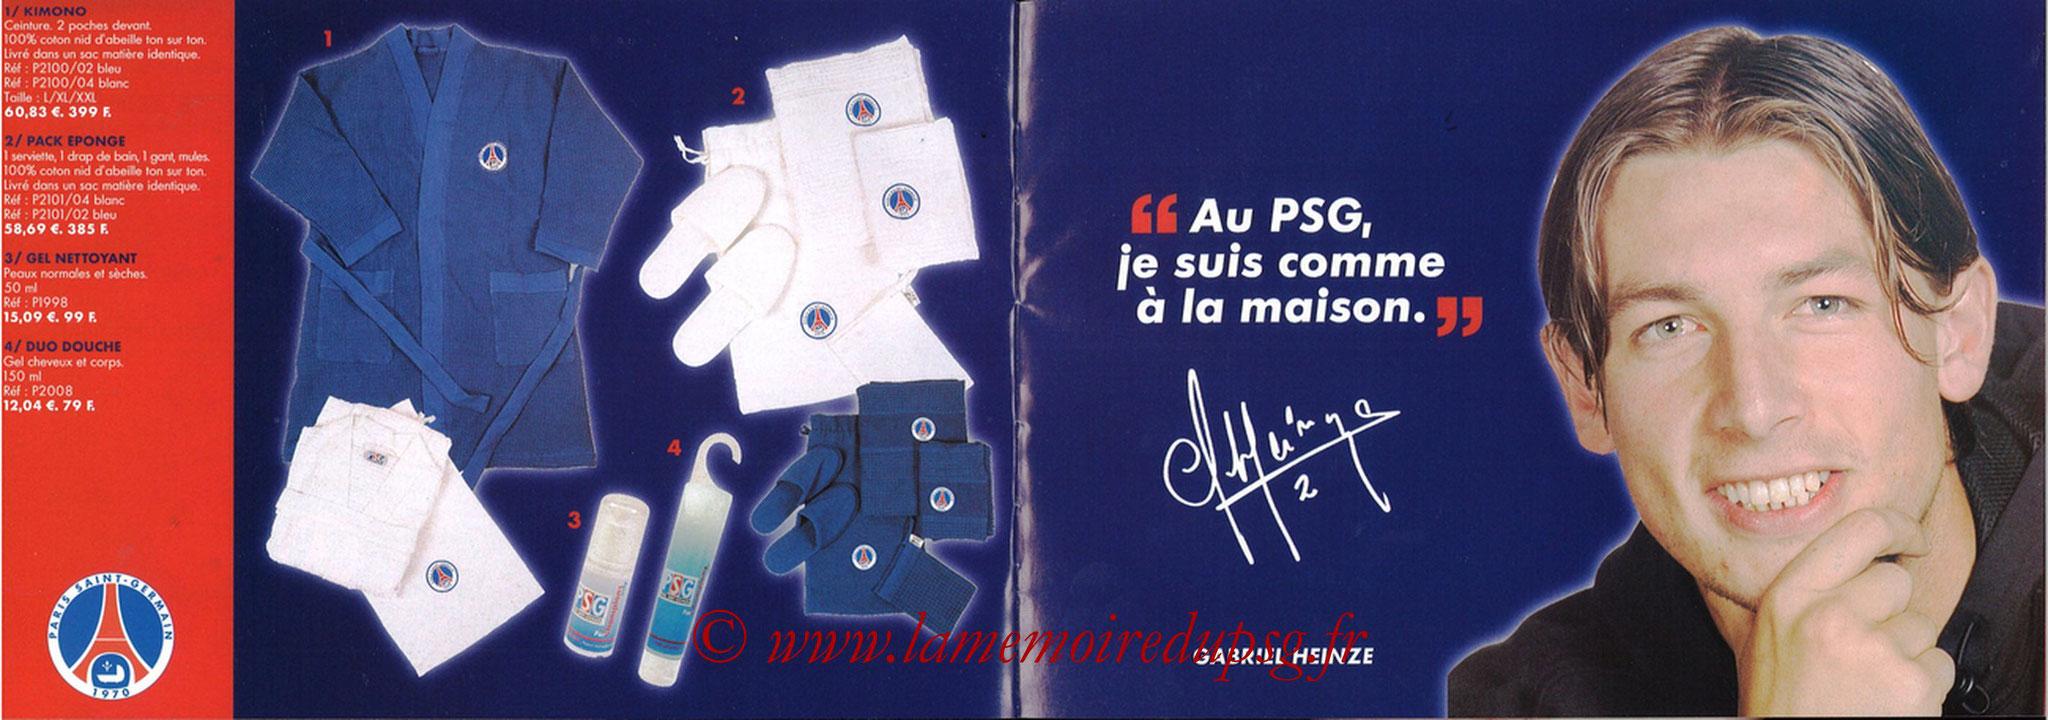 Catalogue PSG - 2001-02 - Noêl - Pages 18 et 19